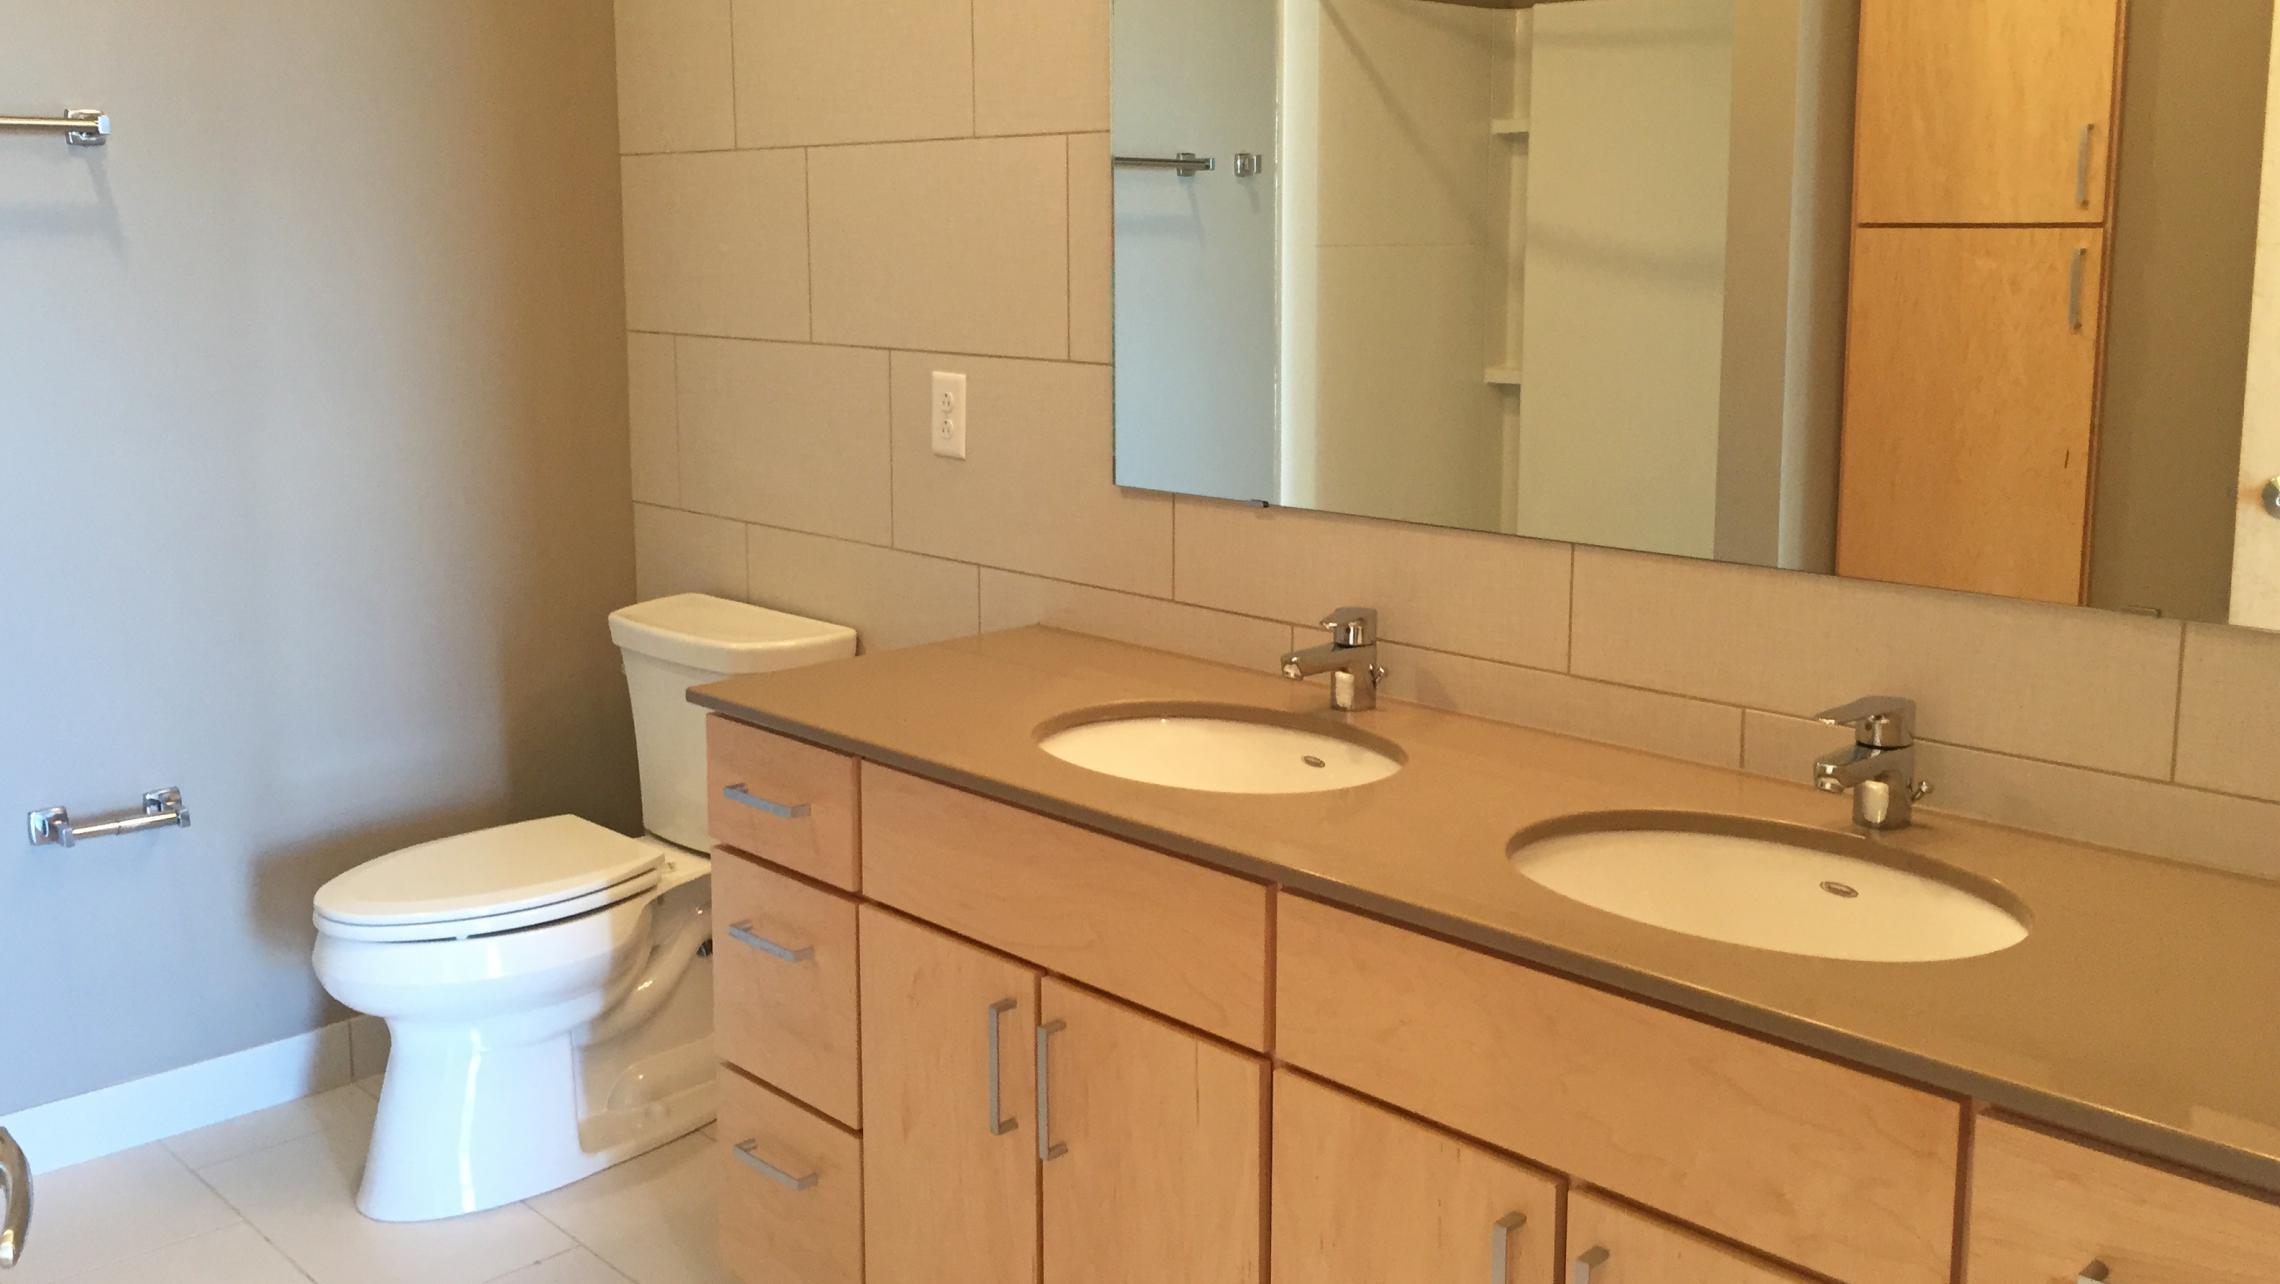 ULI Nine Line Apartment 323 - Bathroom